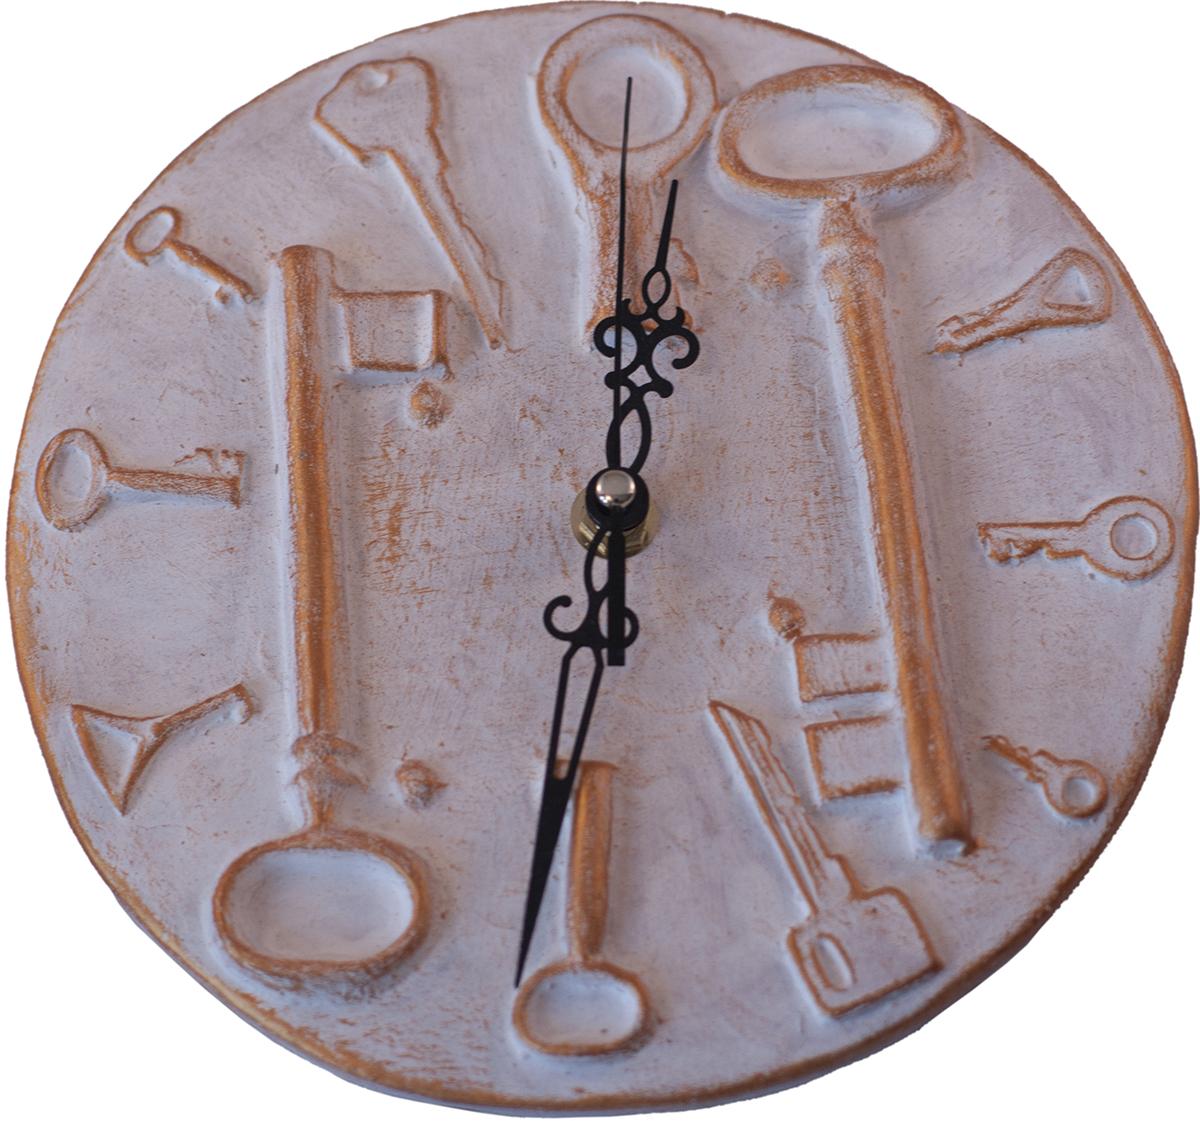 """Дизайнерские настенные часы """"Ключница"""" nikch17ch1 из серии """"Стим Панк"""" - эта уникальная авторская вещь, хранит творческую энергию создателя, и, получив ее в домашнюю коллекцию, Вы ощутите не только гордость обладателя раритета, но и чувство сопричастности тому мгновению, в которое родилось произведение и наглядно убедитесь, что миг неповторим! Уважаемые клиенты! Изделие, выполненное под заказ, может незначительно отличаться от фотографии, общий вид остается."""